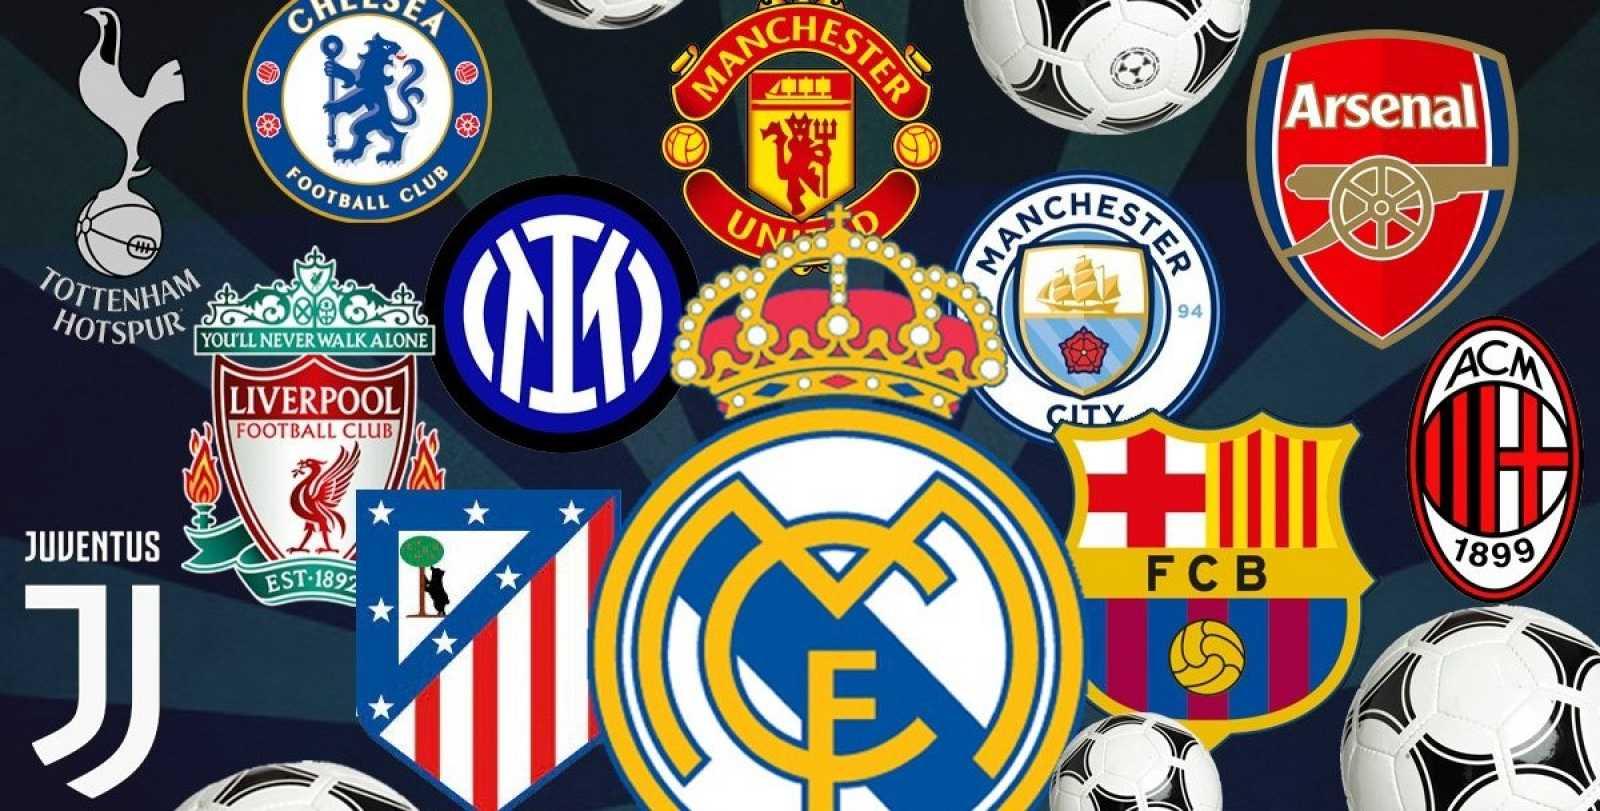 Tarde lo que tarde - Súper dudas sobre la Superliga - 20/04/21 - escuchar ahora